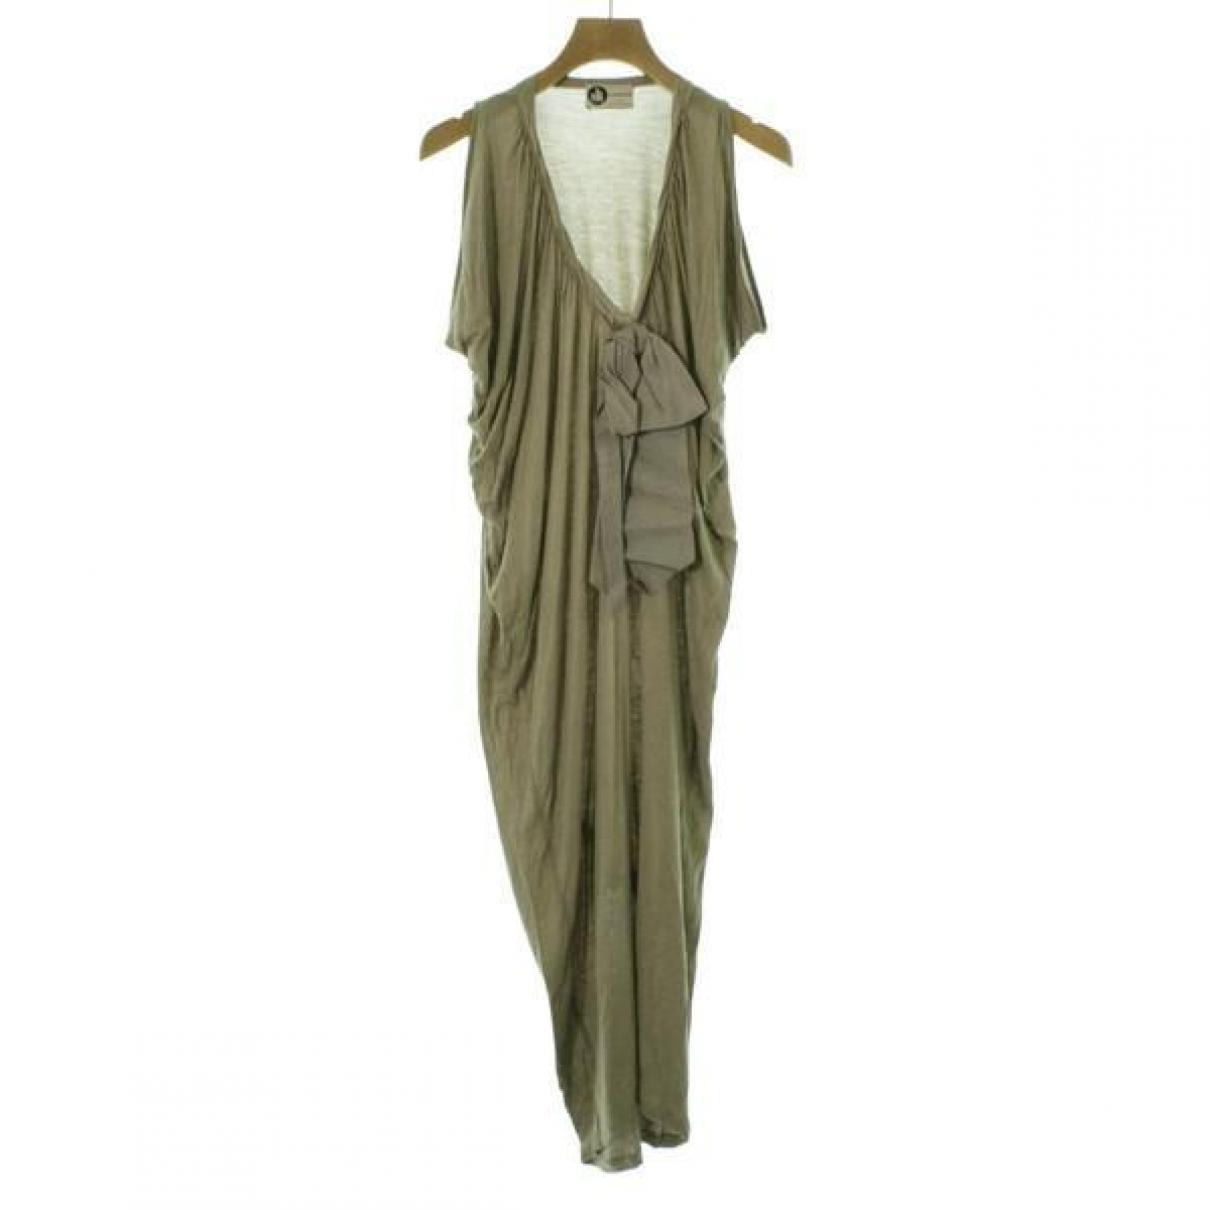 Lanvin \N Beige Silk dress for Women S International